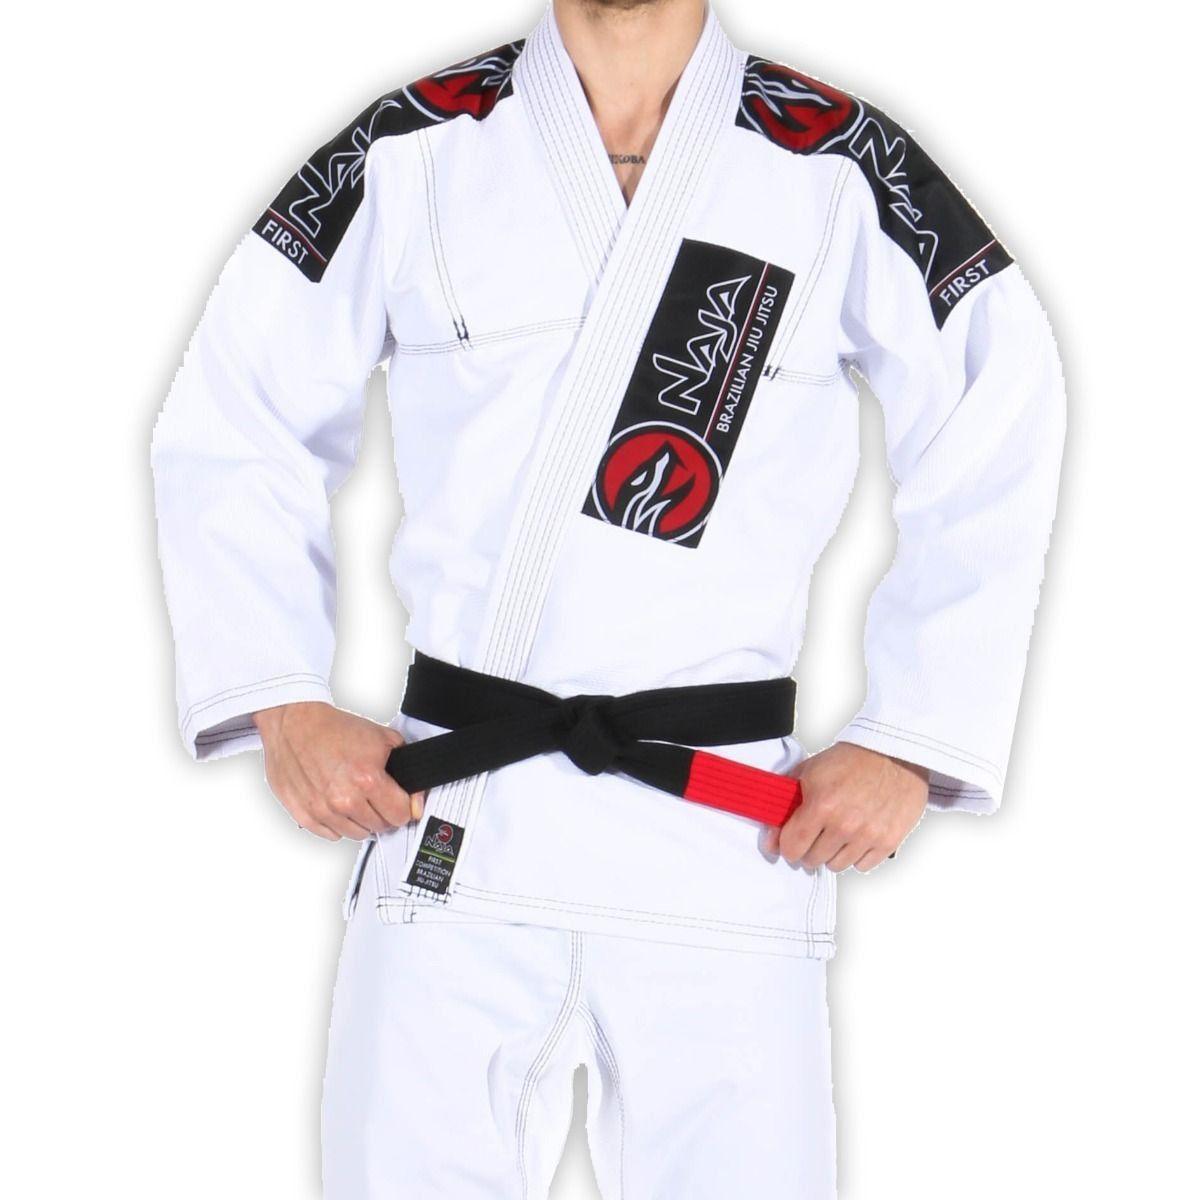 kimono jiu jitsu new first - naja - branco